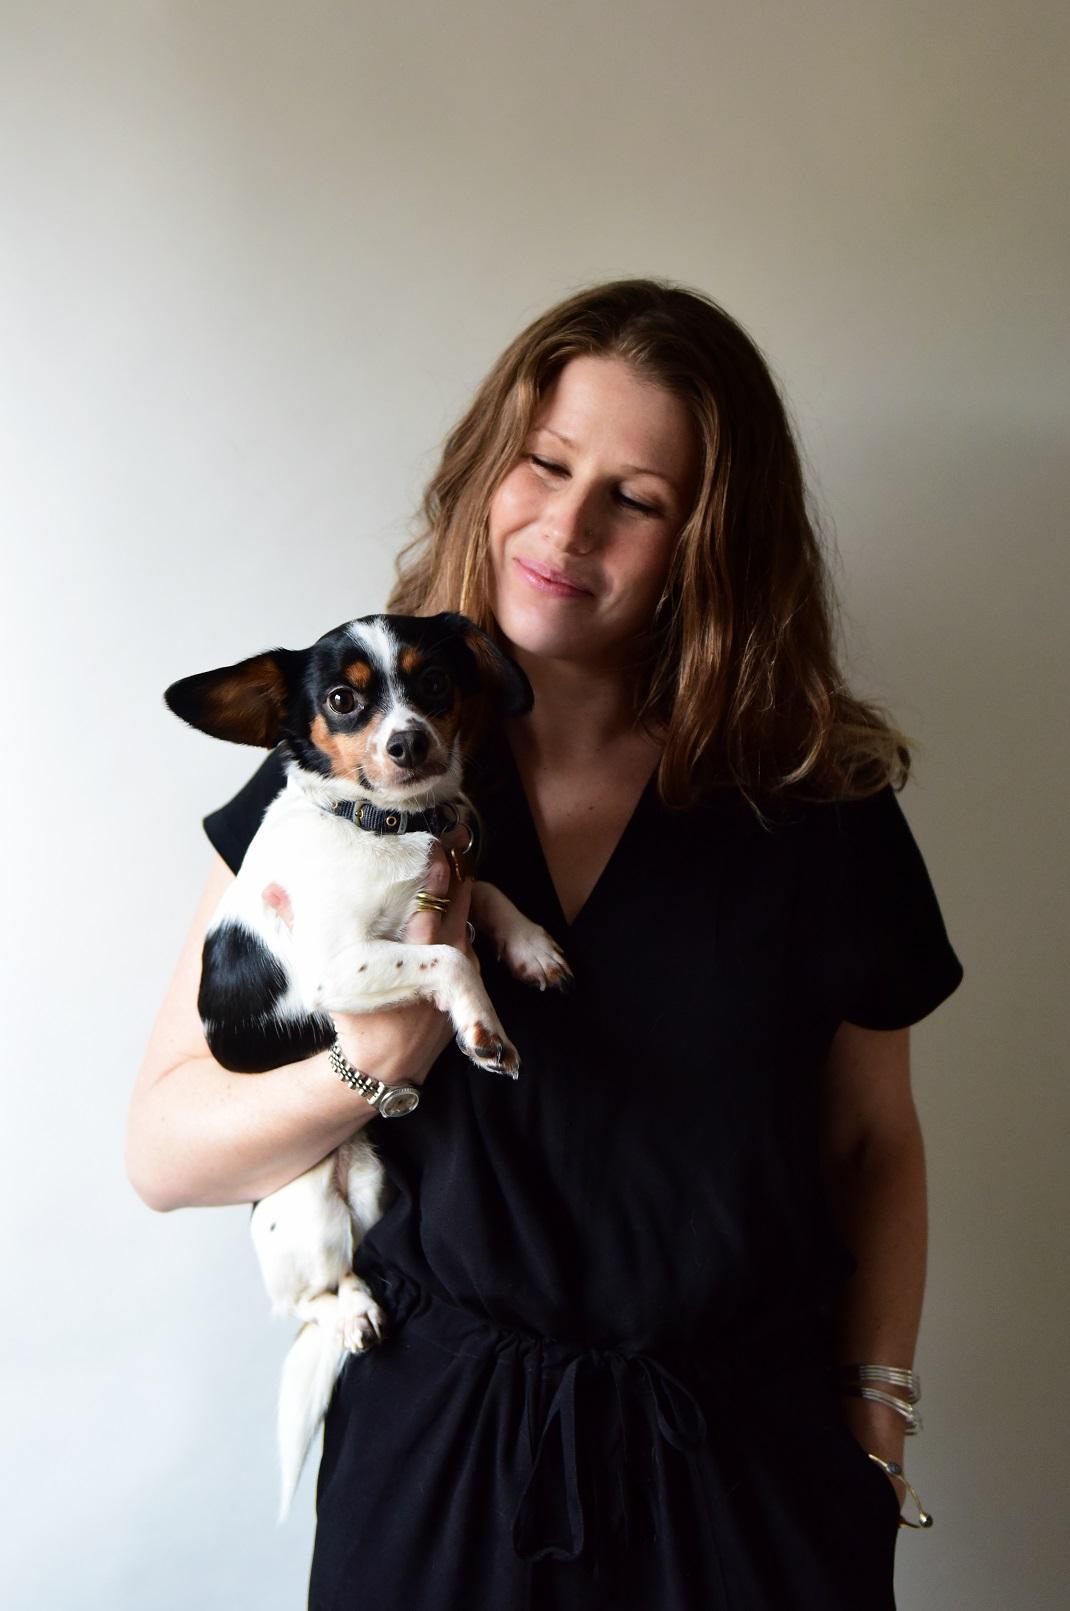 Η ακτιβίστρια και δημοσιογράφος Caroline Criado Perez κρατά σκύλο